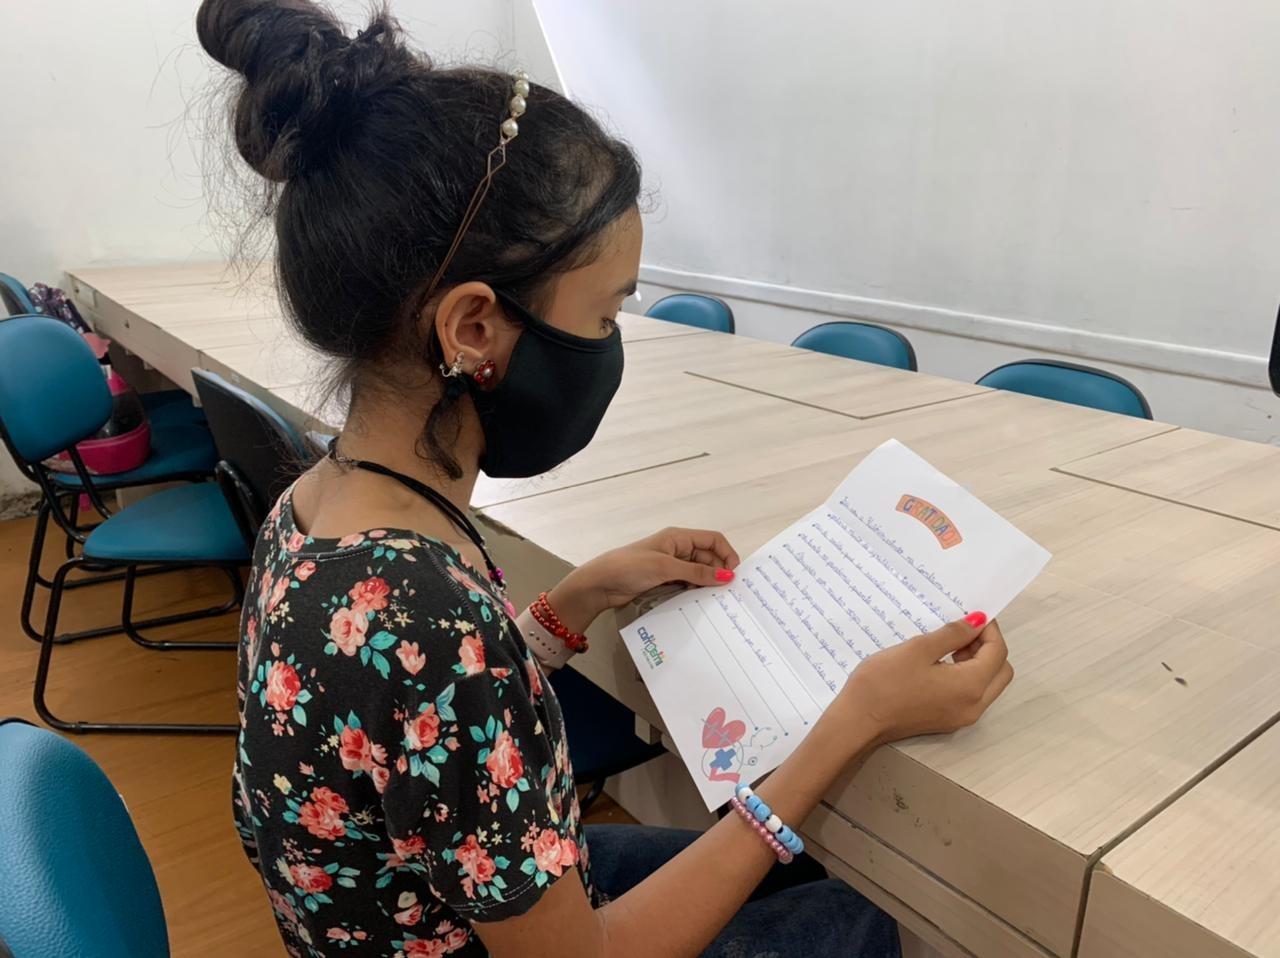 Estudantes tiveram aula sobre a Covid-19 e decidiram escrever cartas aos profissionais da saúde - Secom Itajaí/Divulgação